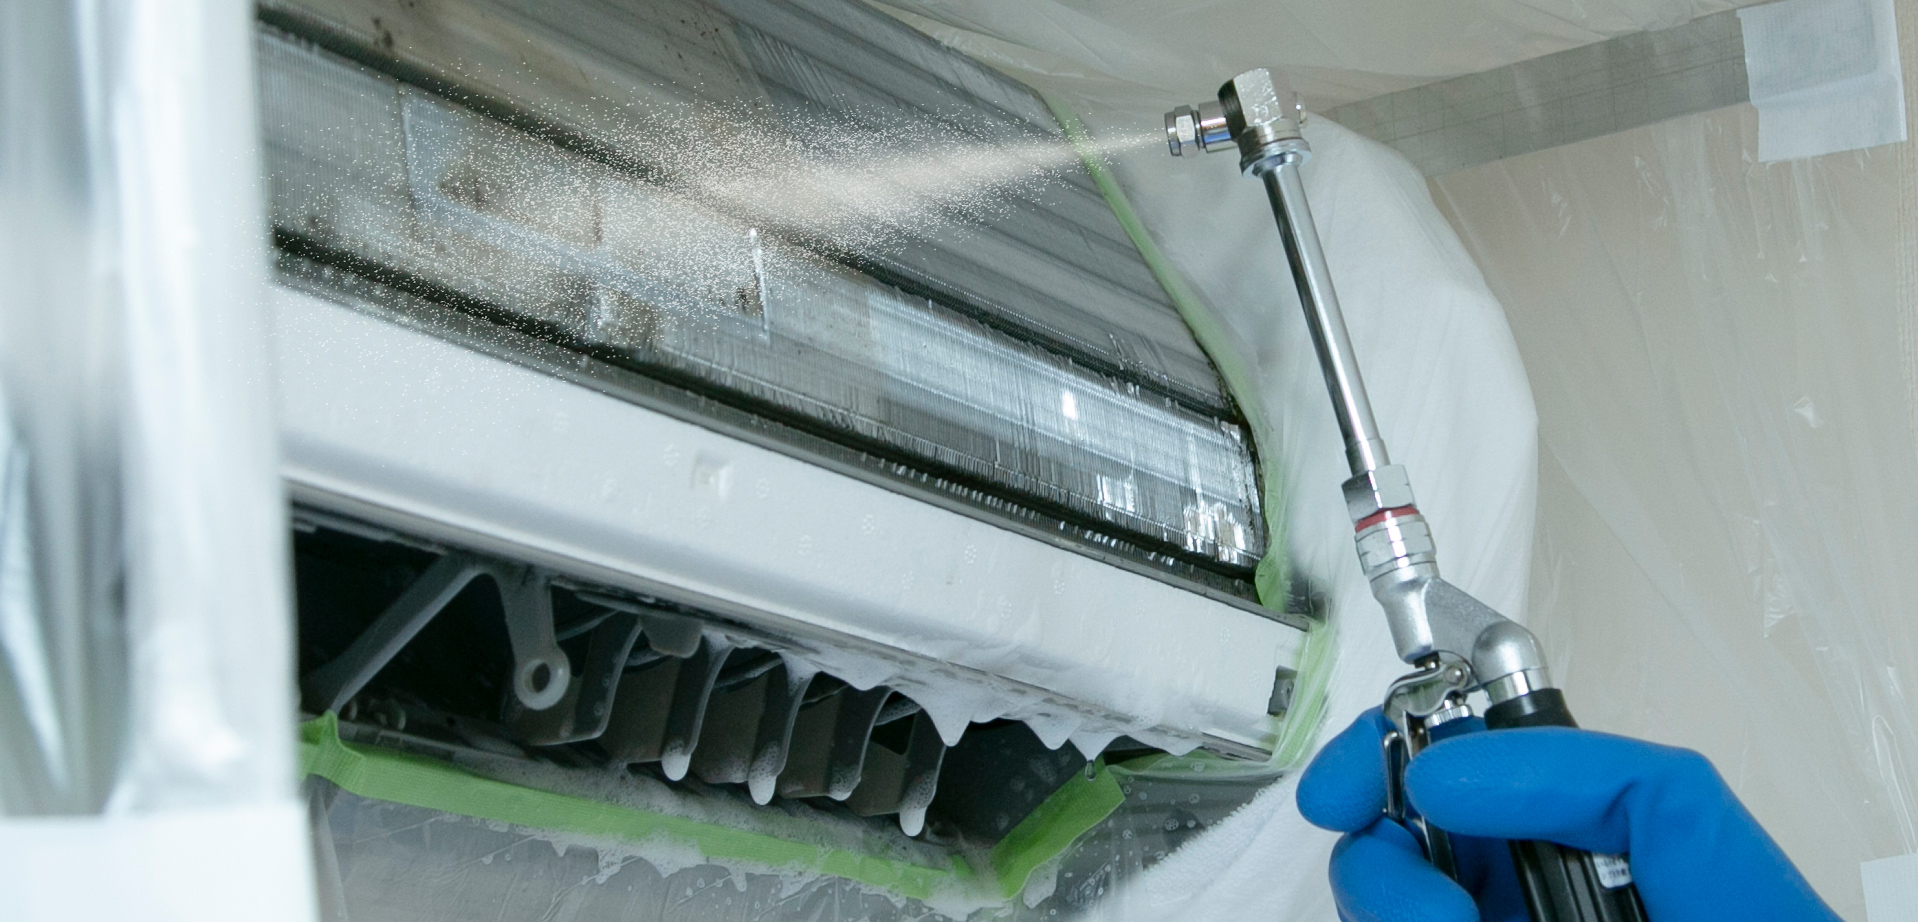 ご家庭ではできない「分解・高圧洗浄」でエアコン内部のニオイのもとを徹底除去!